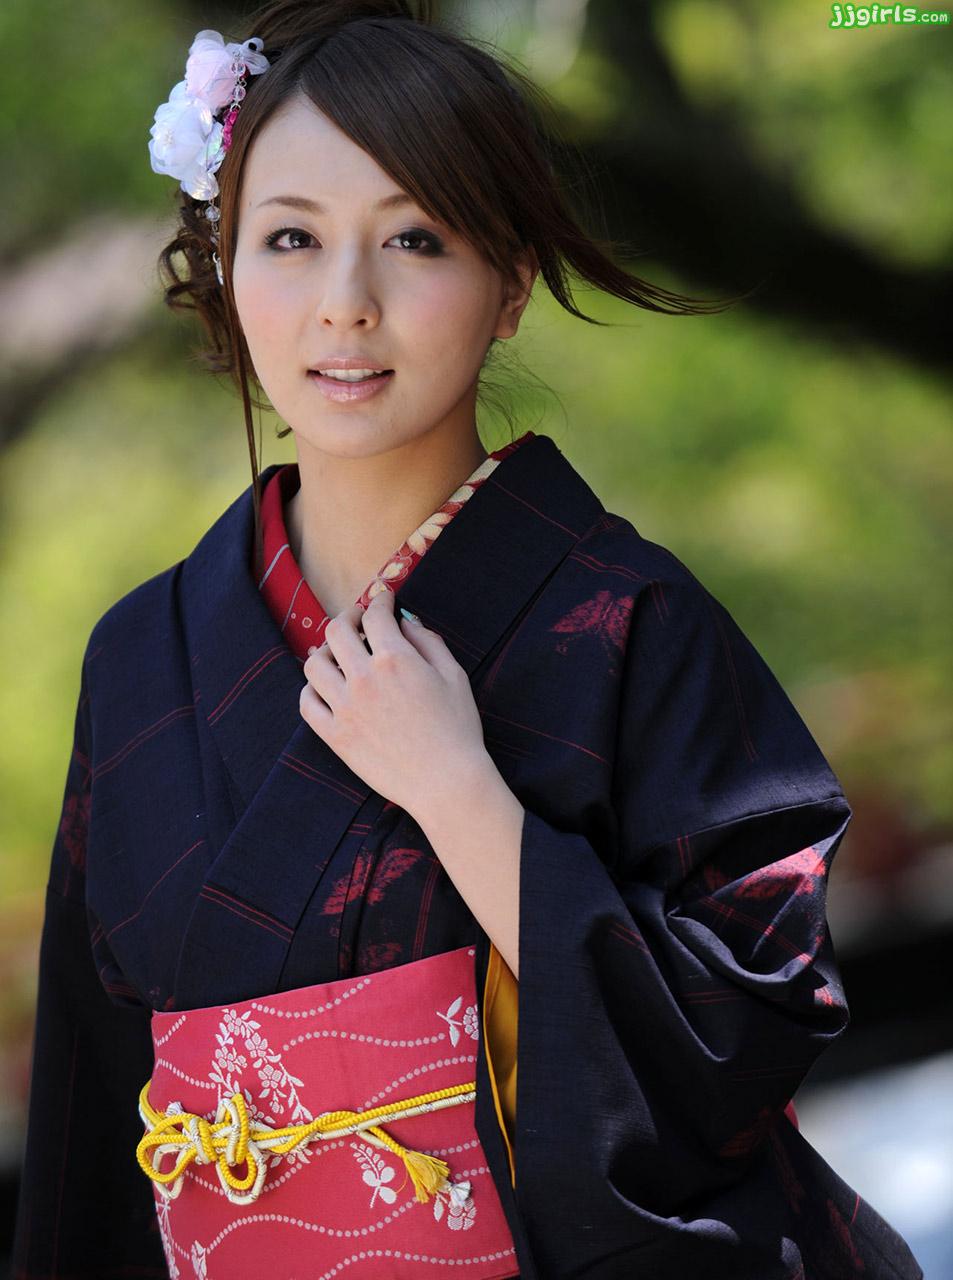 Hot Japanese AV Girls Kizaki Jessica 希崎杰西卡 希崎ジェシカ きざき